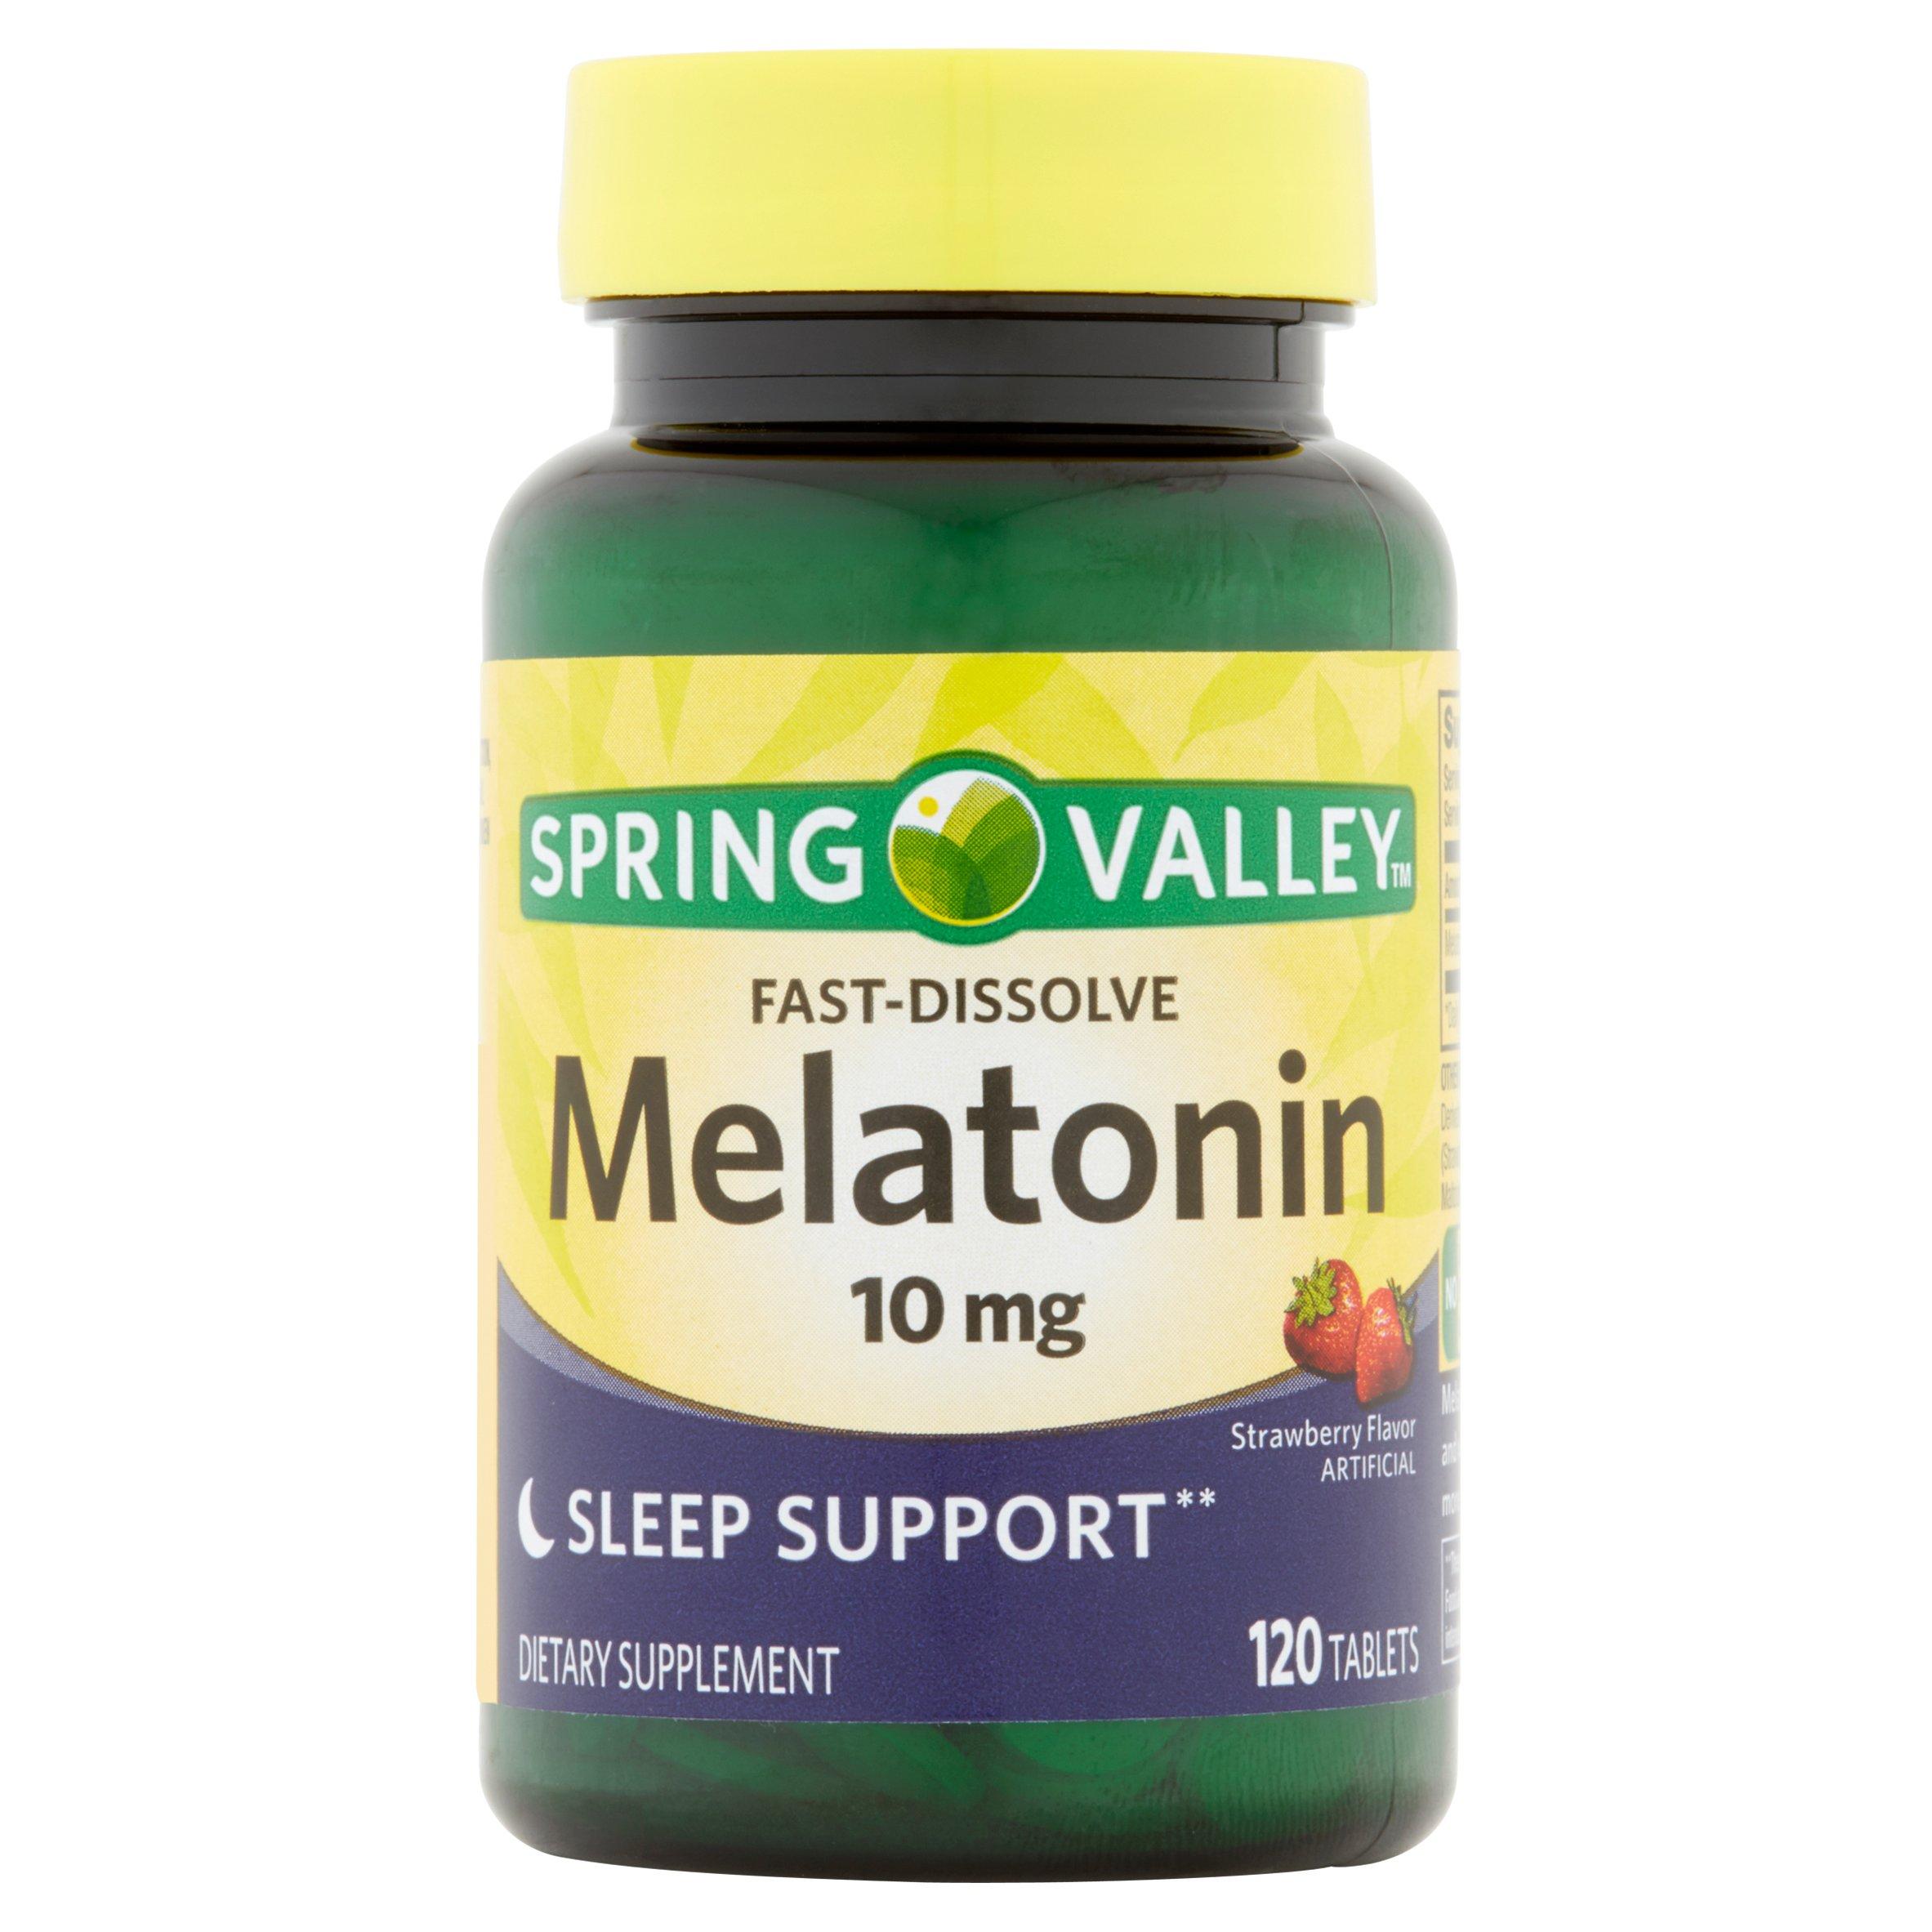 Spring Valley Melatonin Fast Dissolve Tablets, 10 mg, 120 Ct